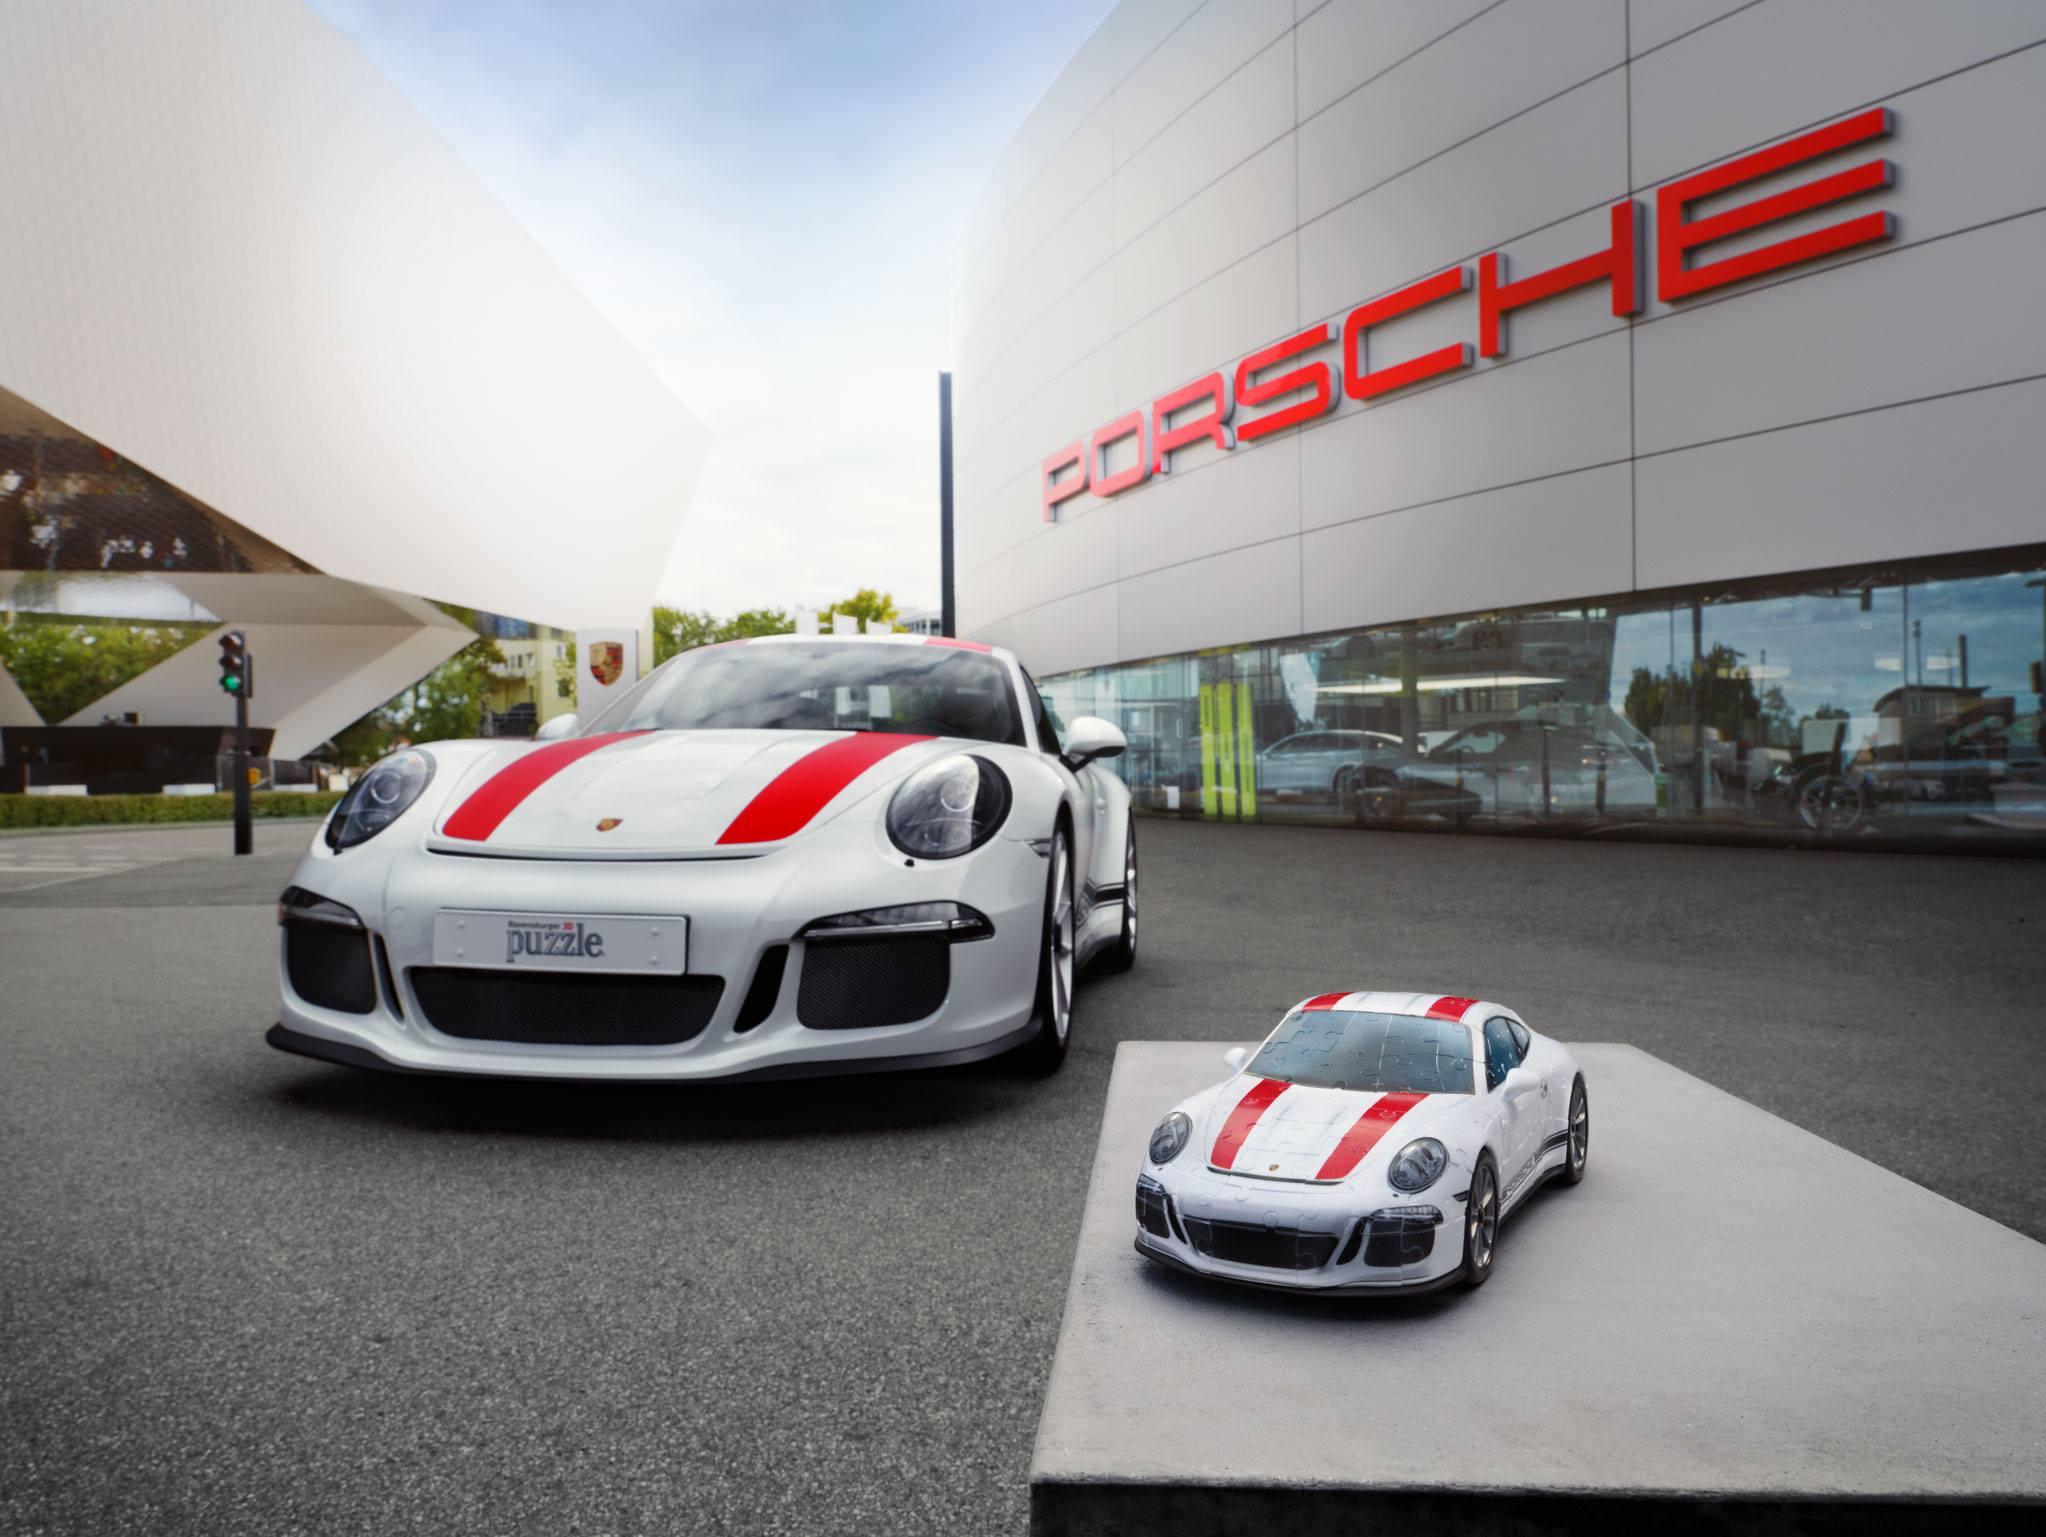 Porsche 911 R puzzle (1)